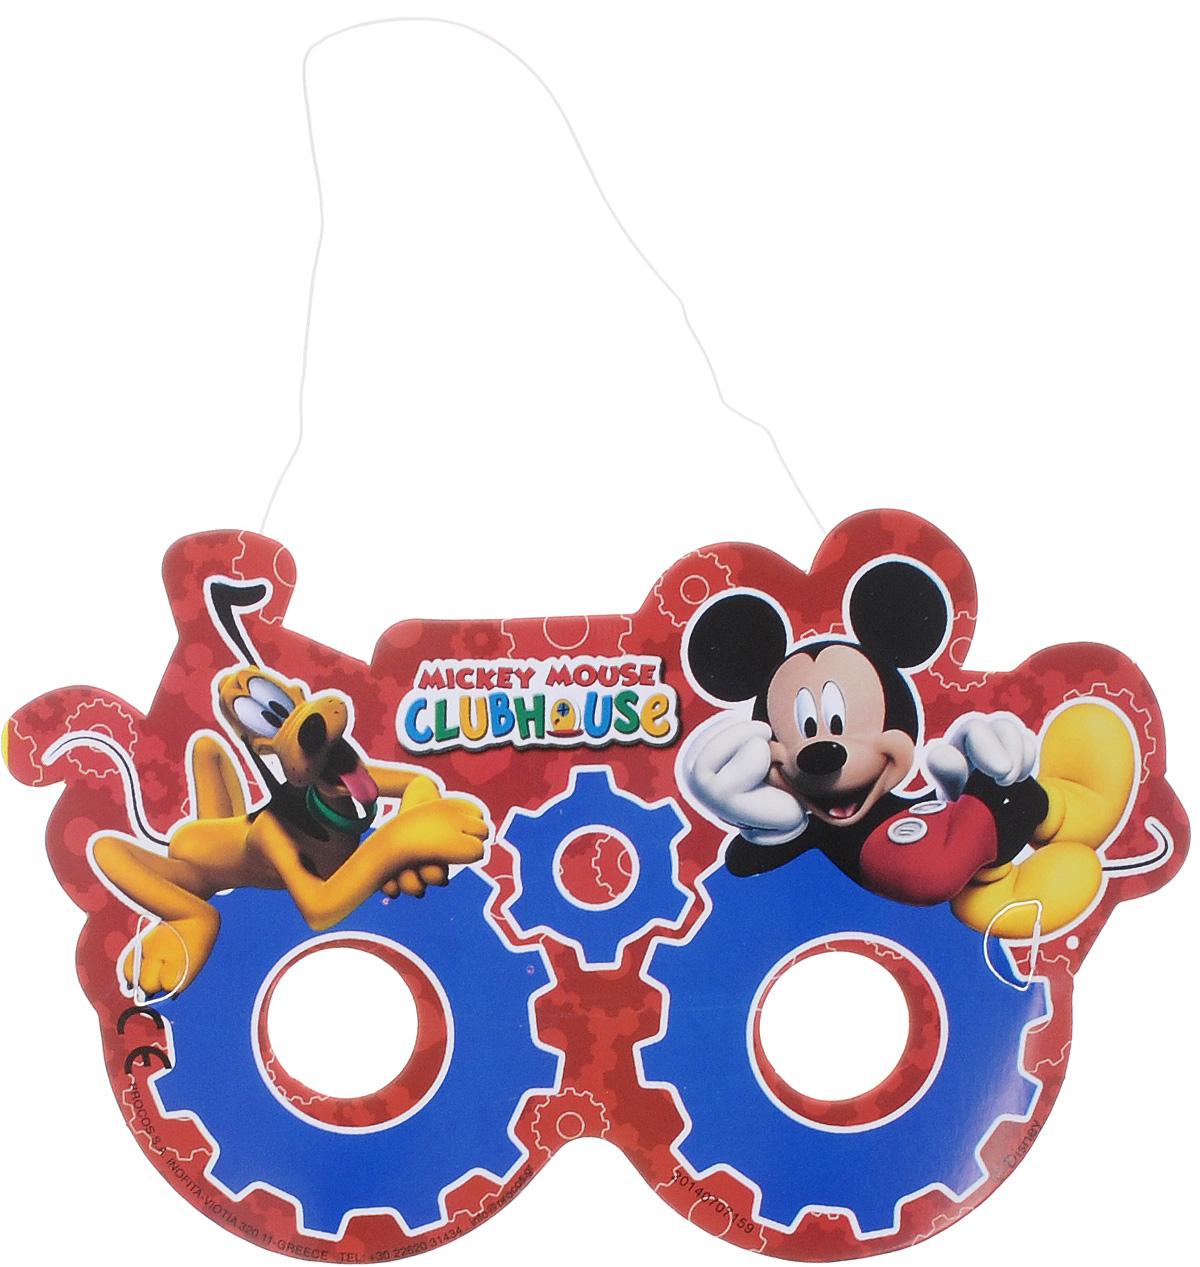 Procos Маска карнавальная Микки Маус 6 шт81521Маска карнавальная Procos Микки Маус оживит любой детский праздник и не позволит вашему ребенку заскучать. Маска выполнена в красно-синих тонах и украшена изображением Микки Мауса. Одев такую маску, ваш малыш будет самозабвенно играть, веселясь и позабыв про все на свете. Маска выполнена из картона, не имеет острых краев и зазубрин, так что абсолютно безопасна для малышей. Изделие на резинке, поэтому легко подогнать под нужный размер. Маска карнавальная Procos Микки Маус является отличным решением для карнавалов, утренников и просто детских праздников. В наборе: 6 карнавальных масок.